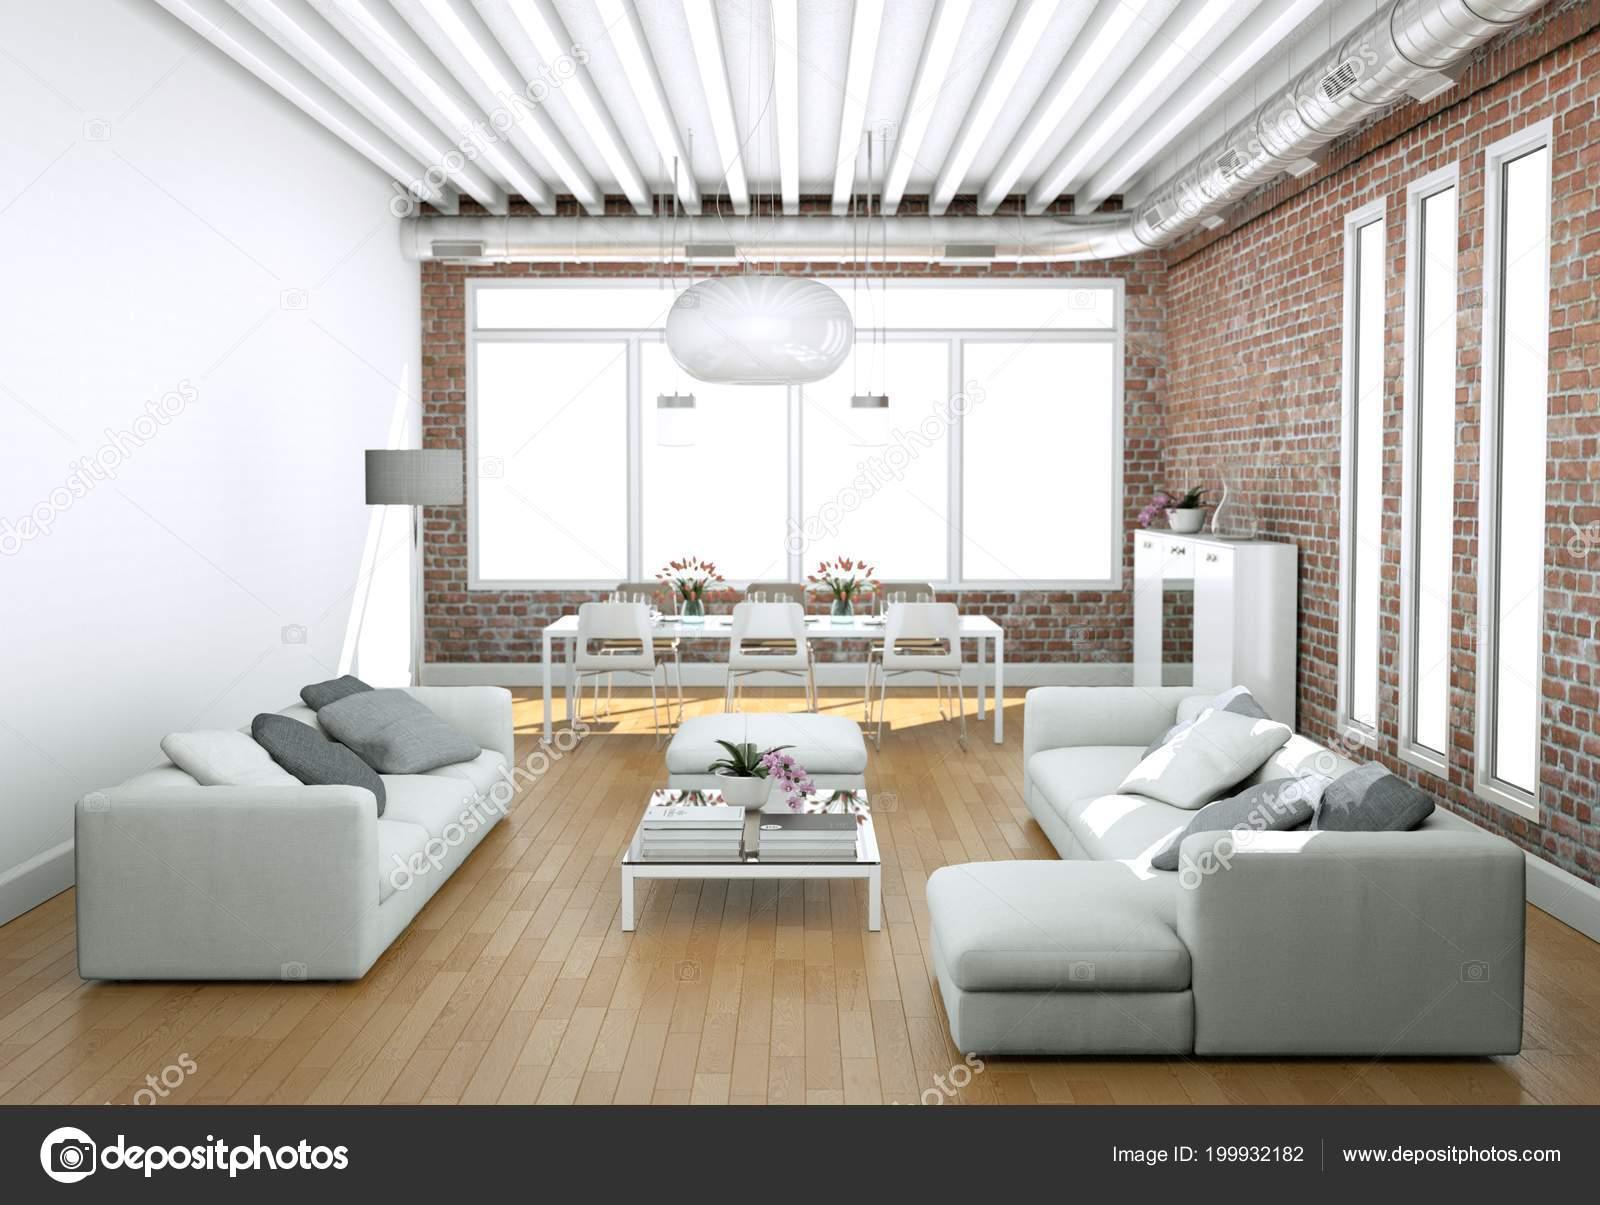 Moderne Helle Wohnzimmer Interior Design Mit Sofas Und Stonewall